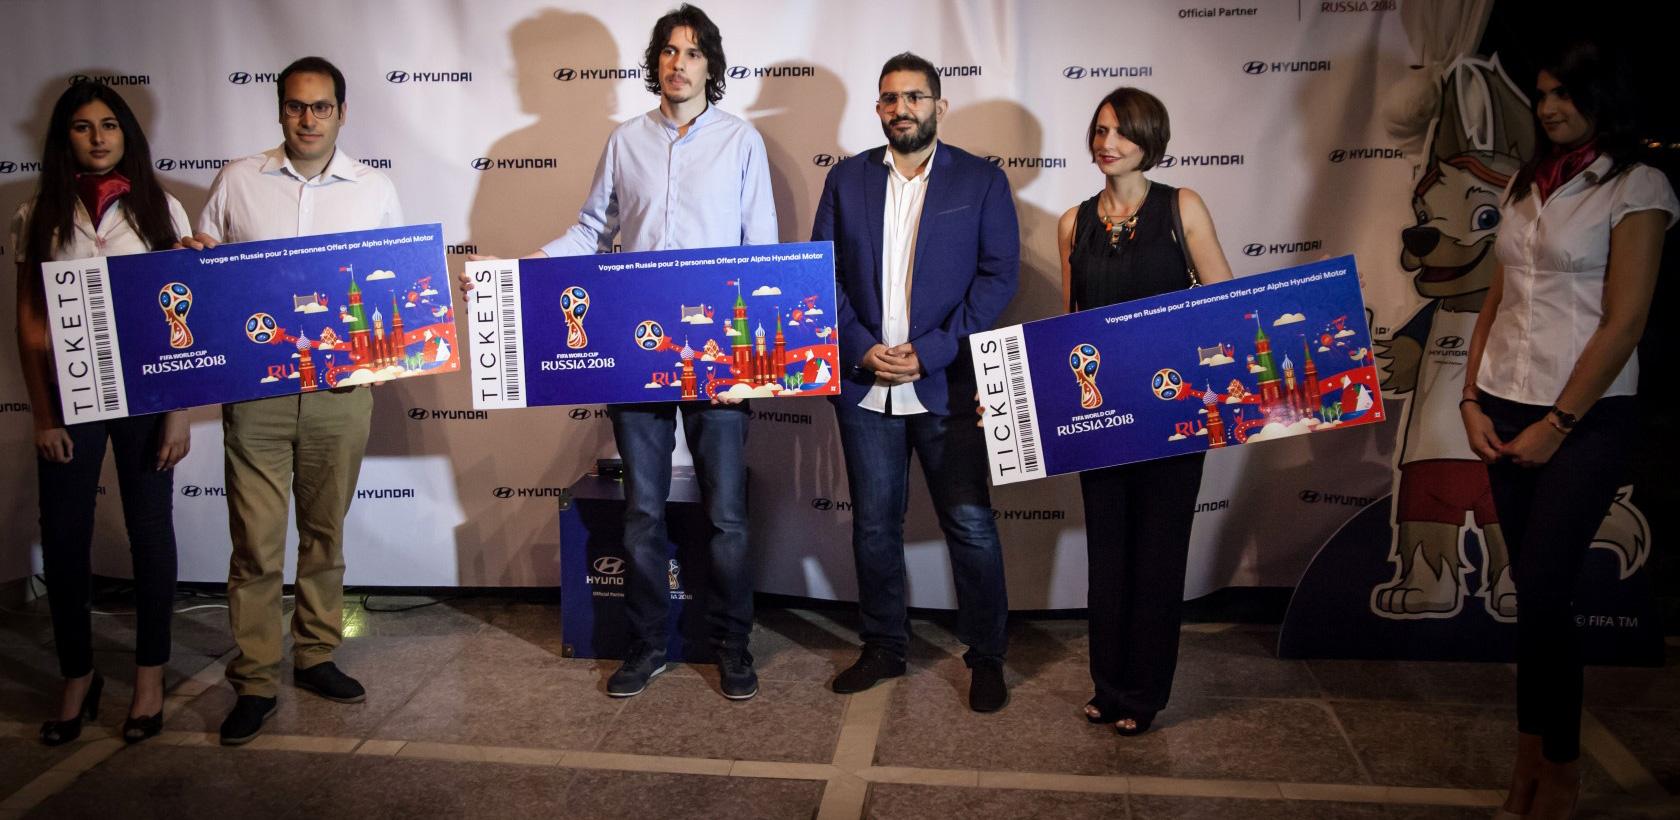 Hyundai clôture son programme dédié à la Coupe du Monde